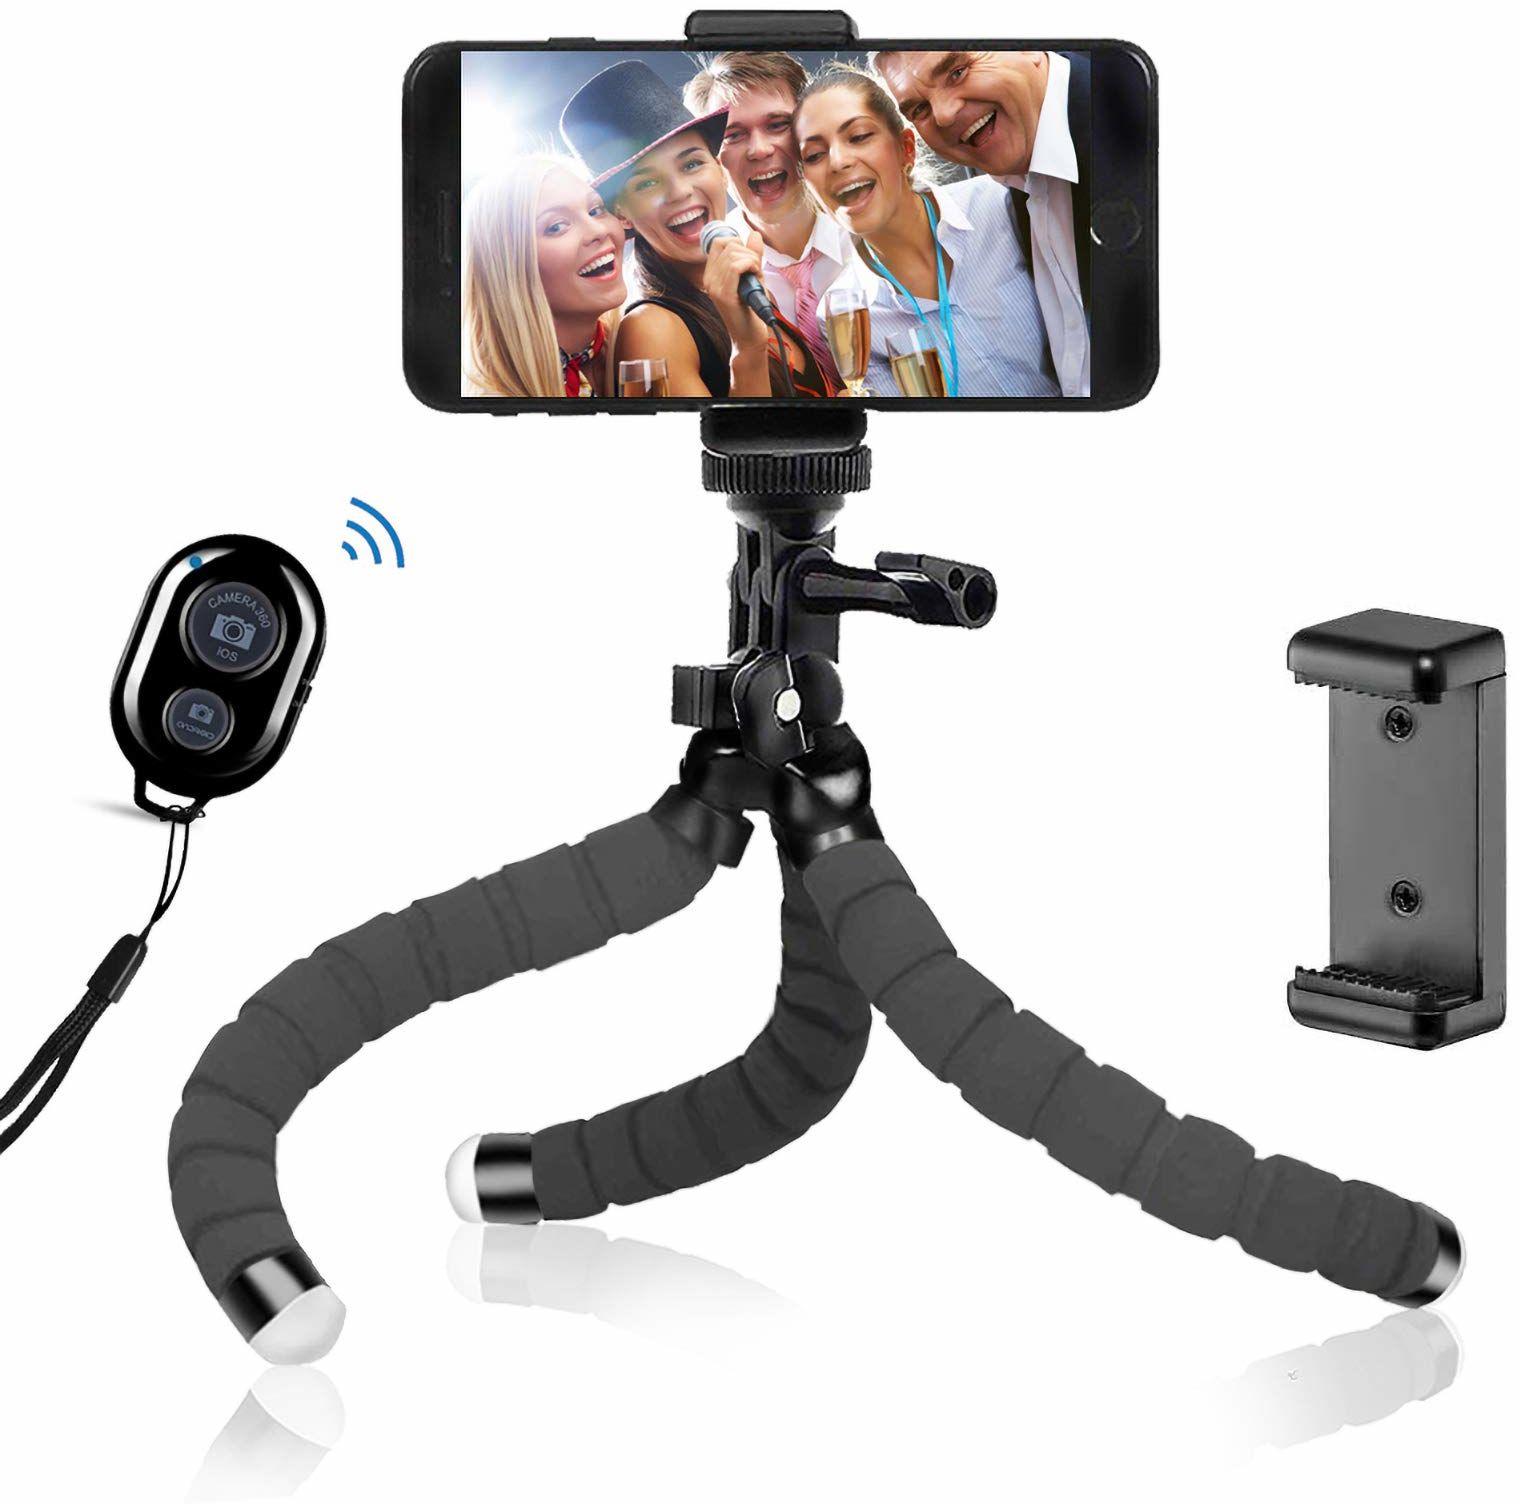 """BSET BUY Octopus Tripod Statyw do Aparatu, Trójnożny, do Aparatu i Każdego Smartfona z Uchwytem na Telefon Komórkowy, z Pilotem Zdalnego Sterowania Bluetooth, 12"""", Czarny"""